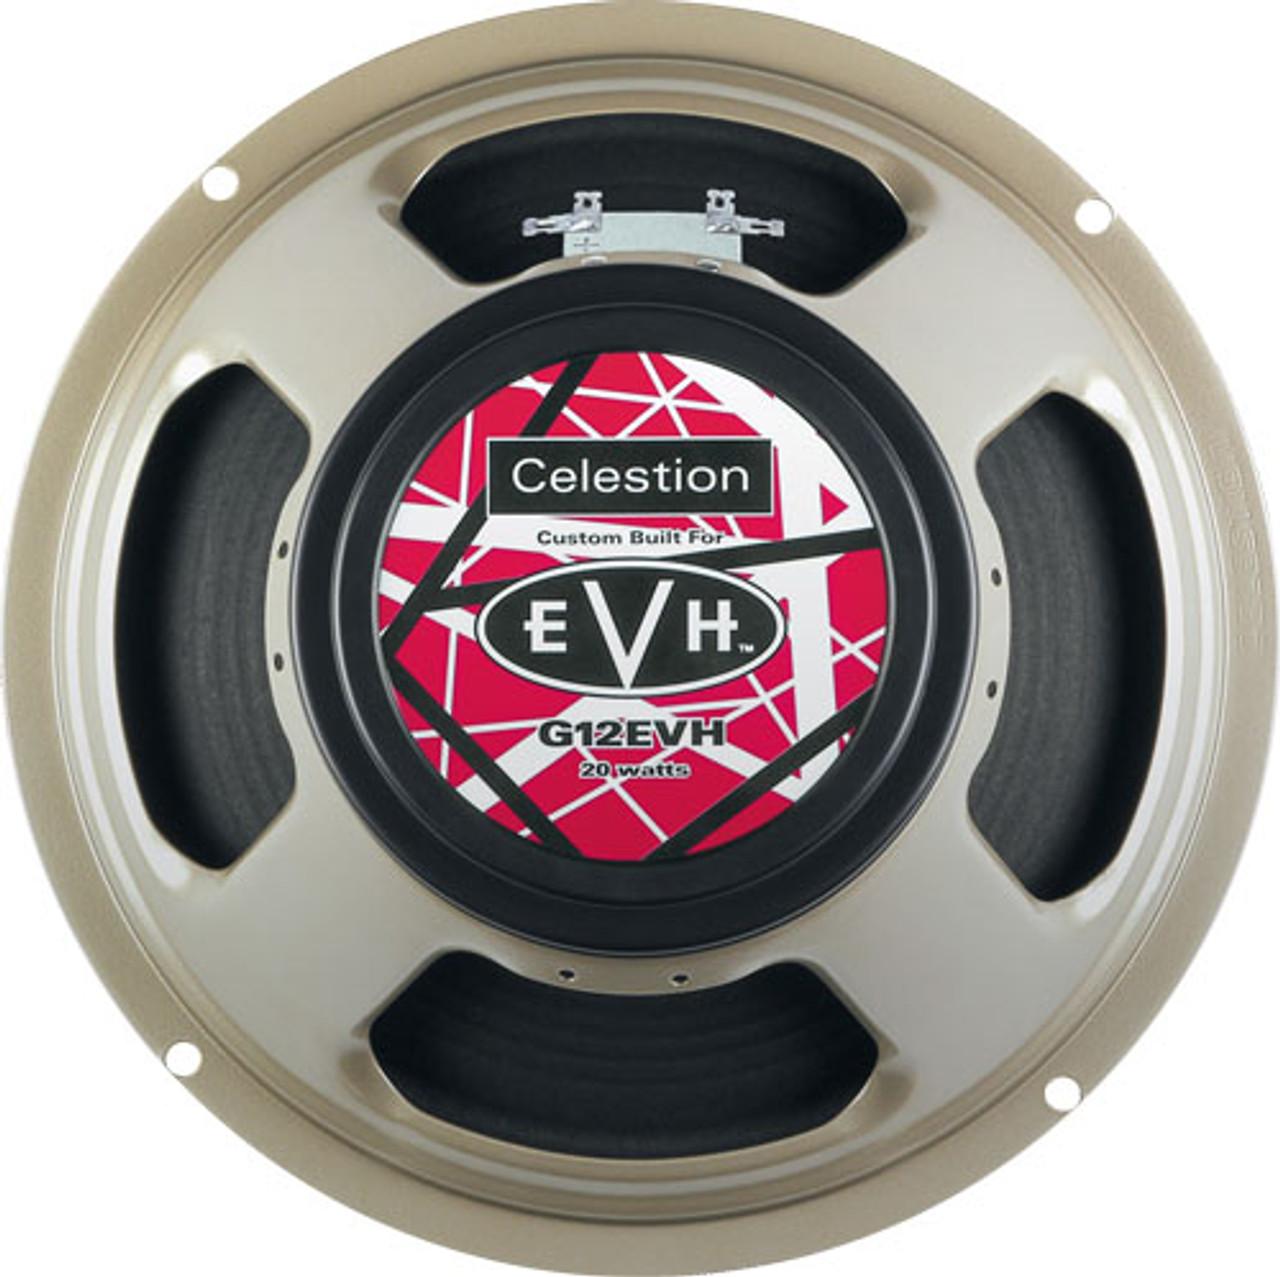 Celestion G12 EVH